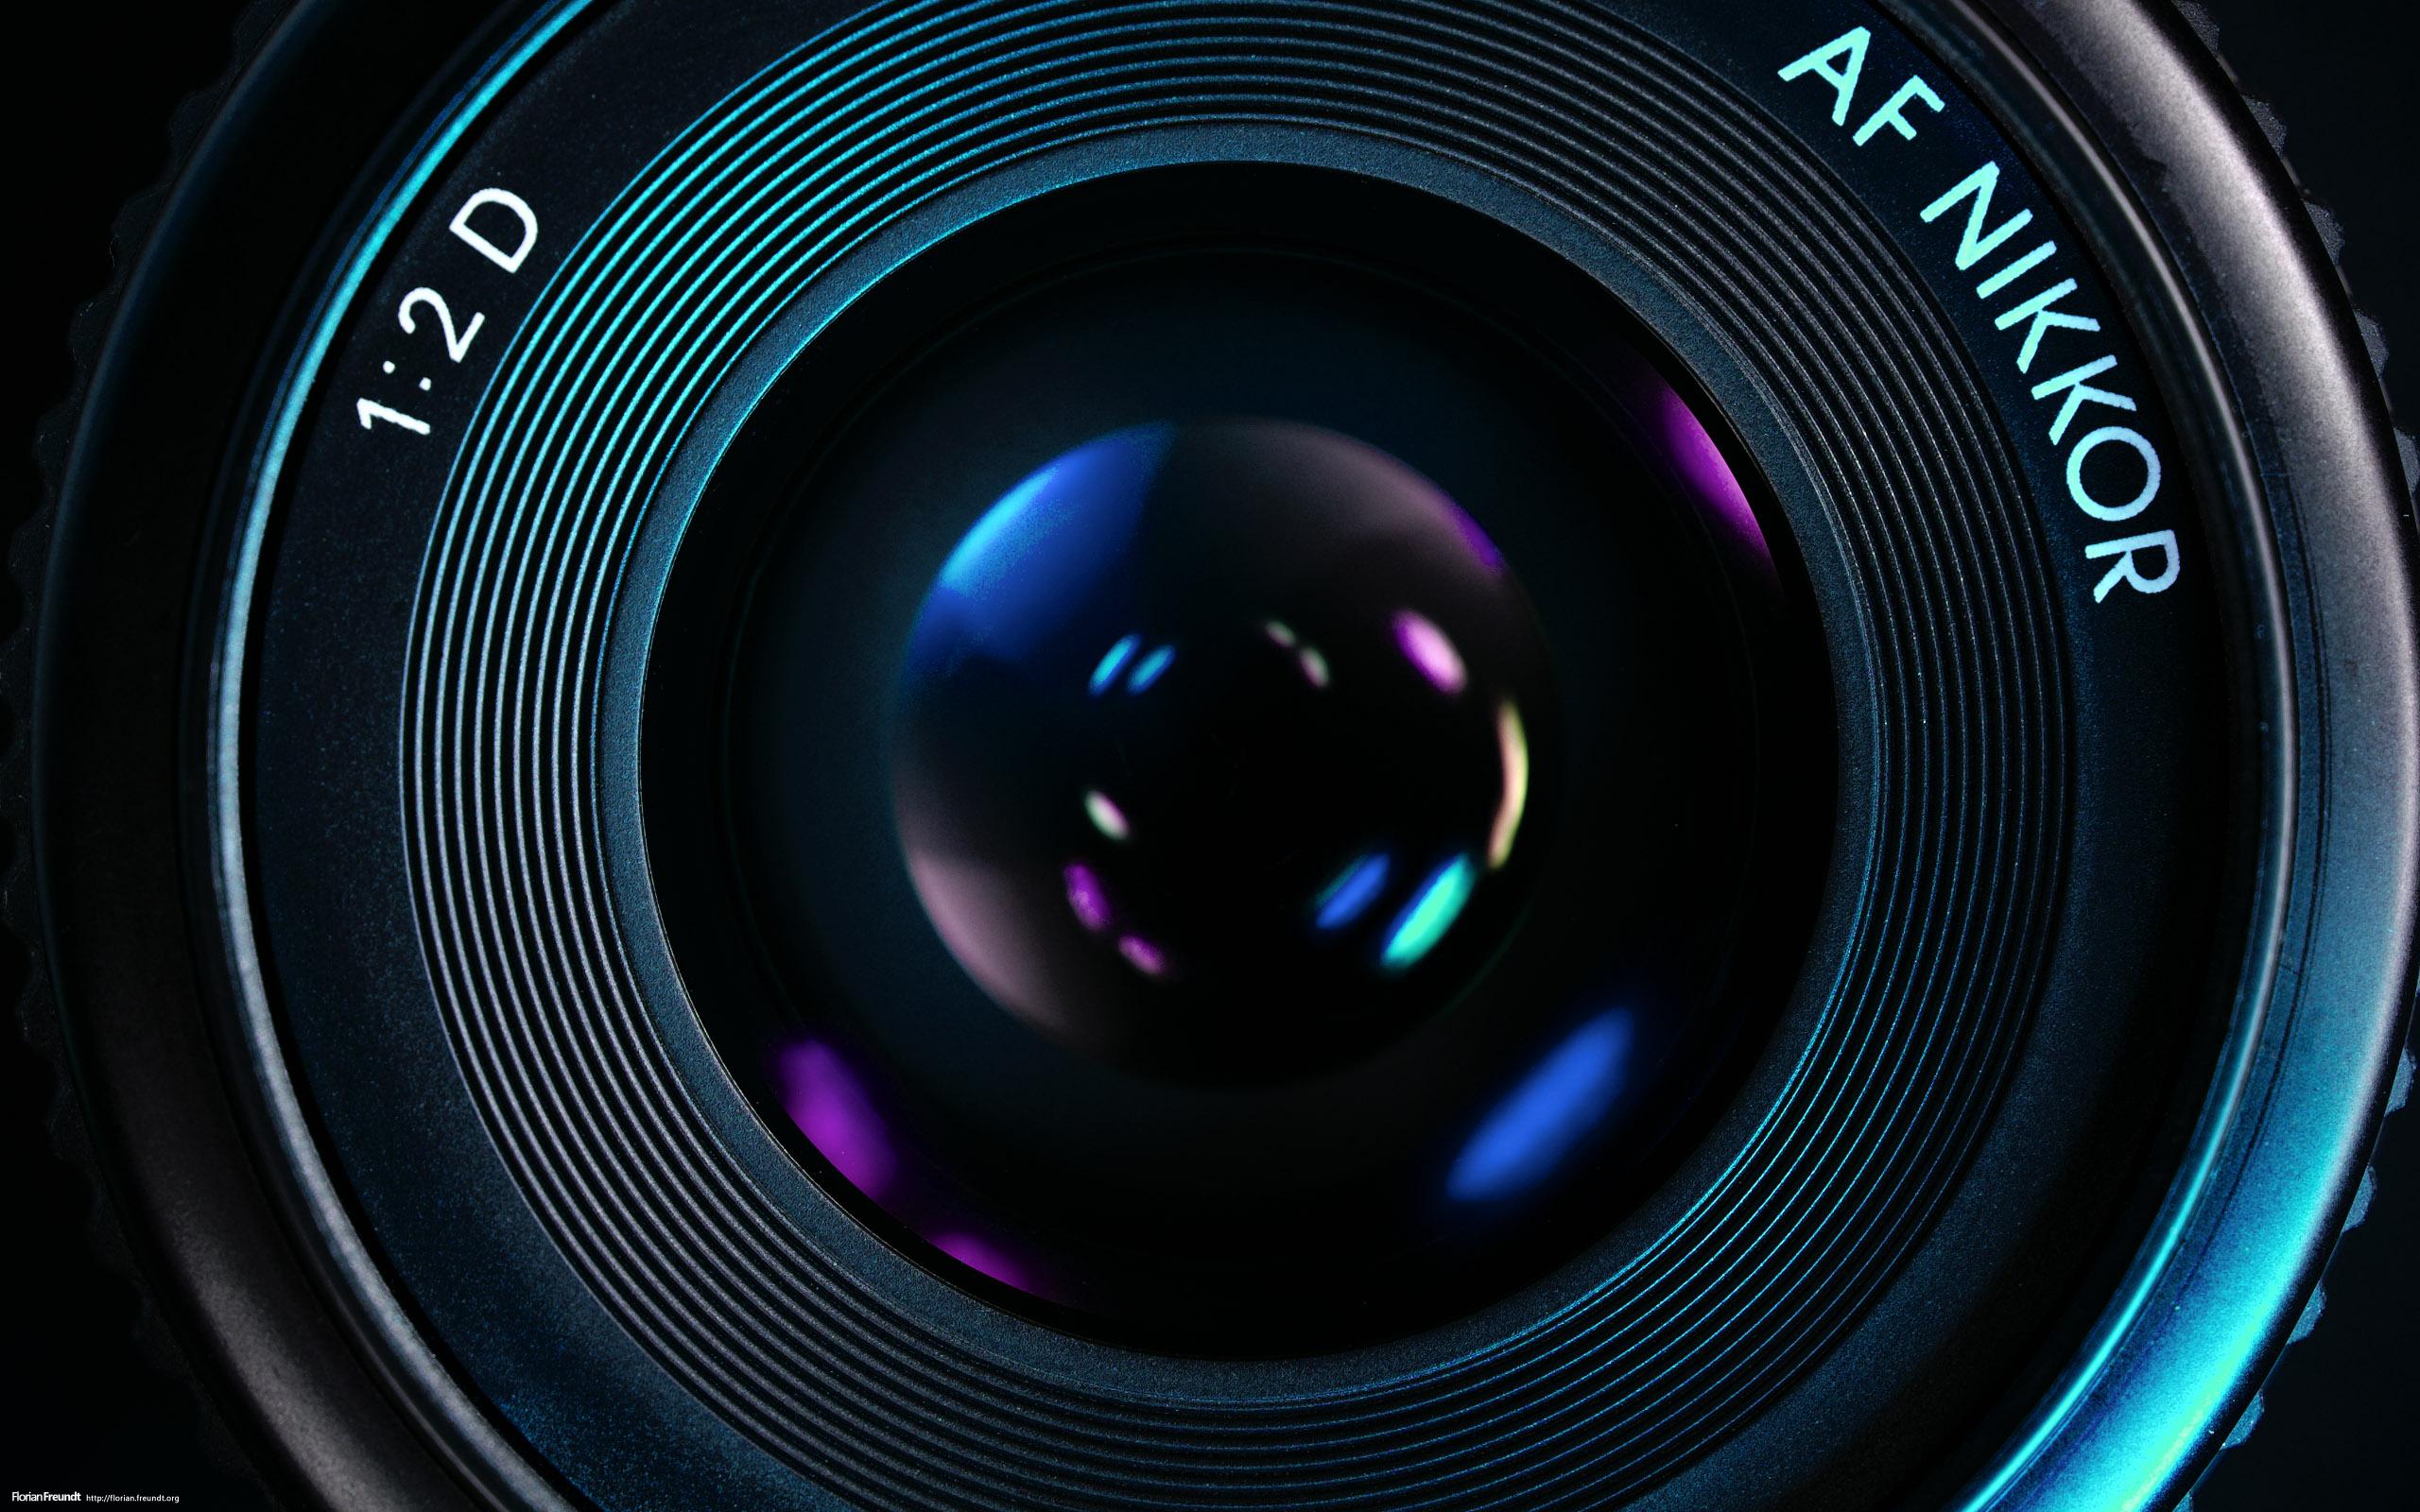 Lens Cameras Wallpaper 2560x1600 15903 Wallpaperup